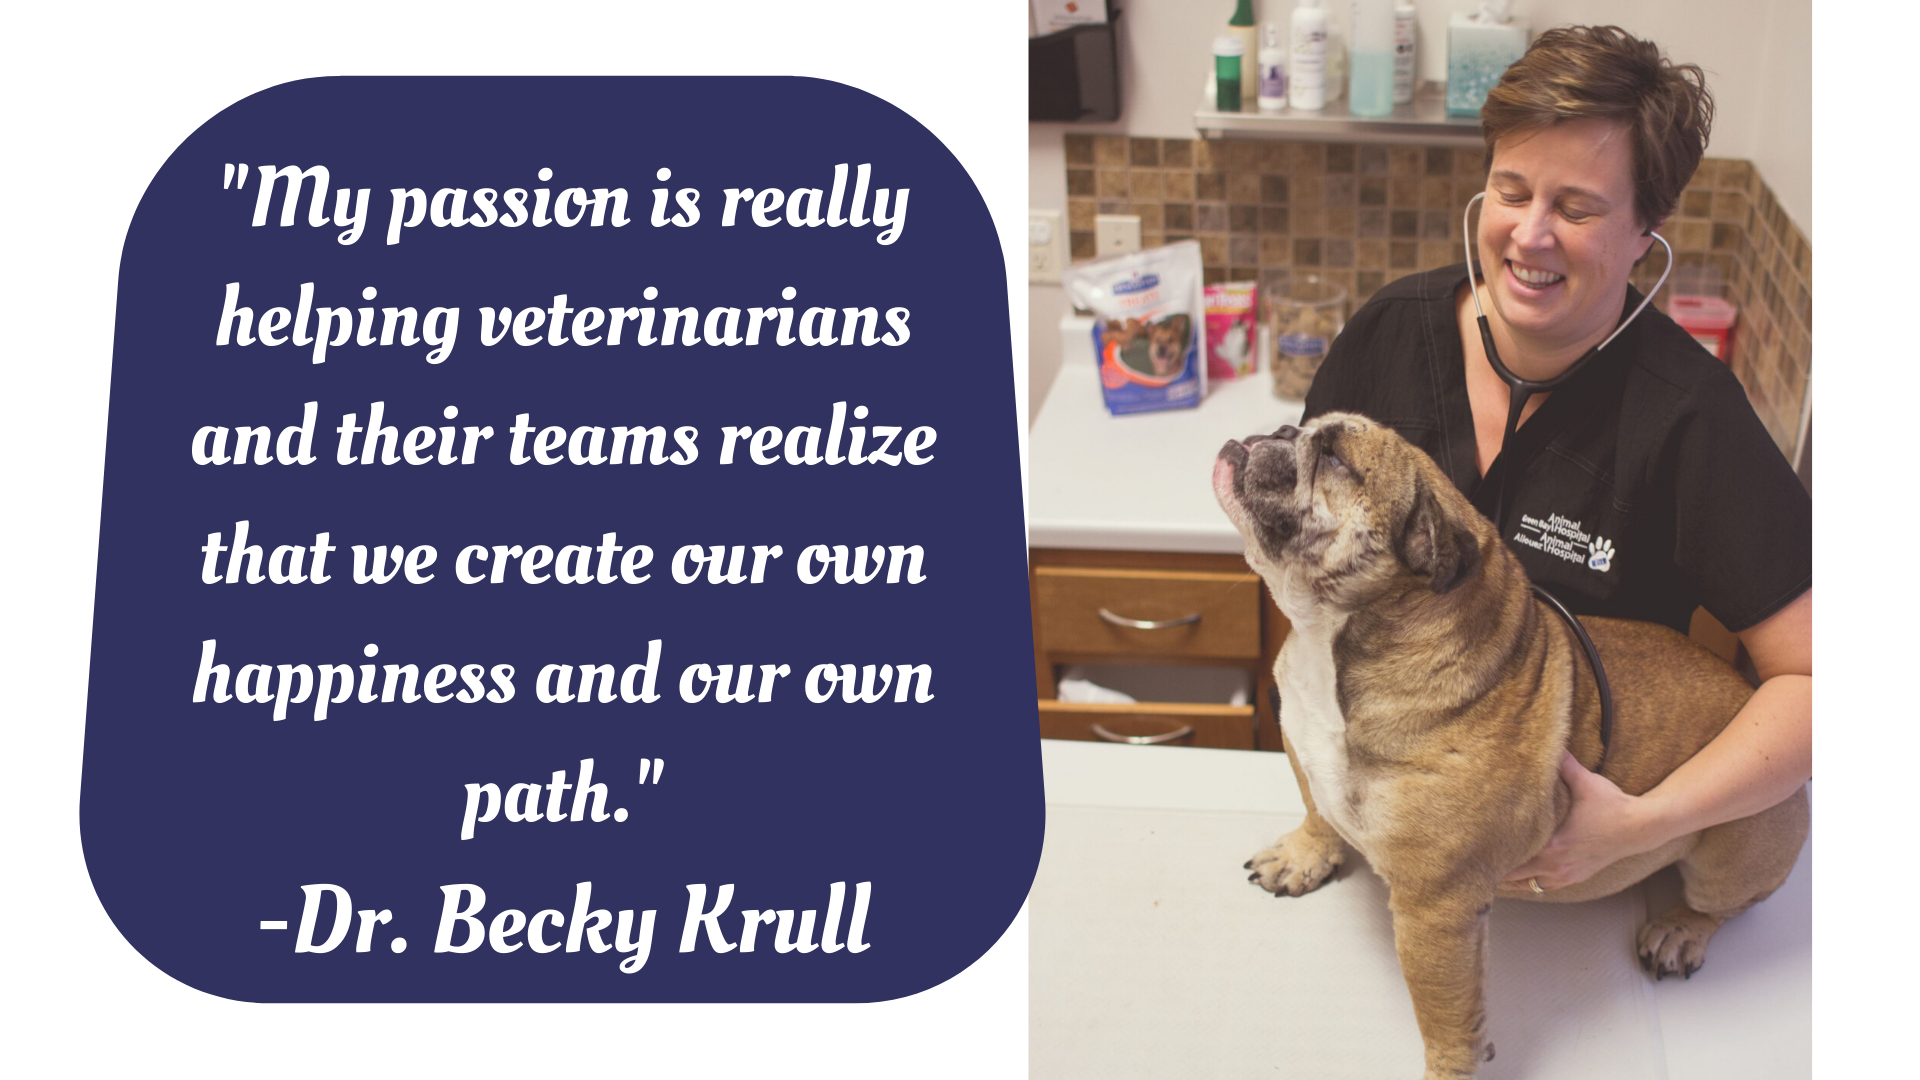 Dr. Becky Krull